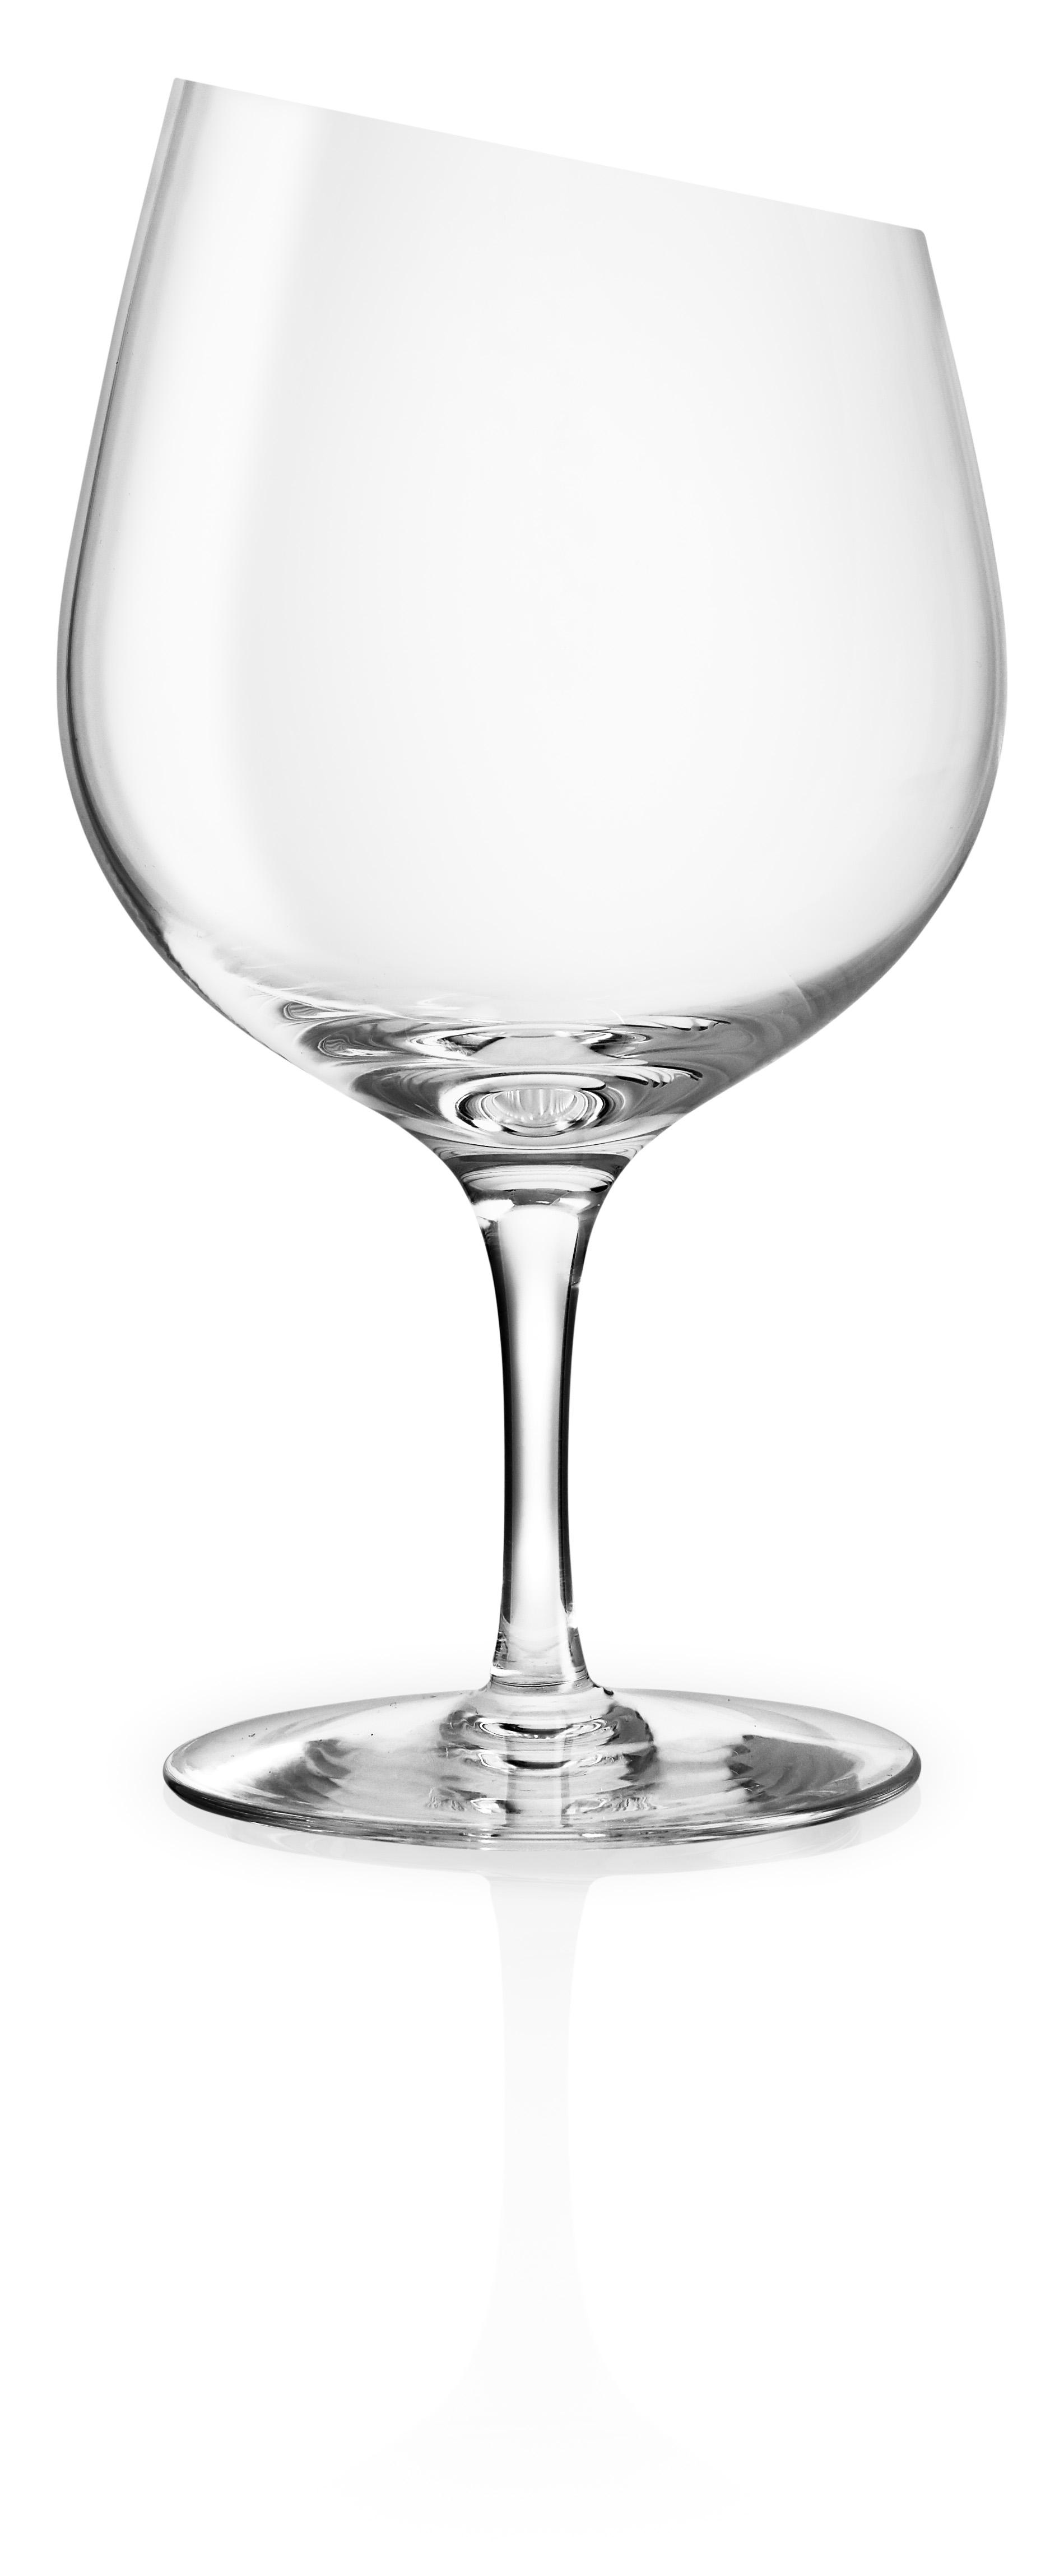 Eva Solo - Gin Glass (541008)